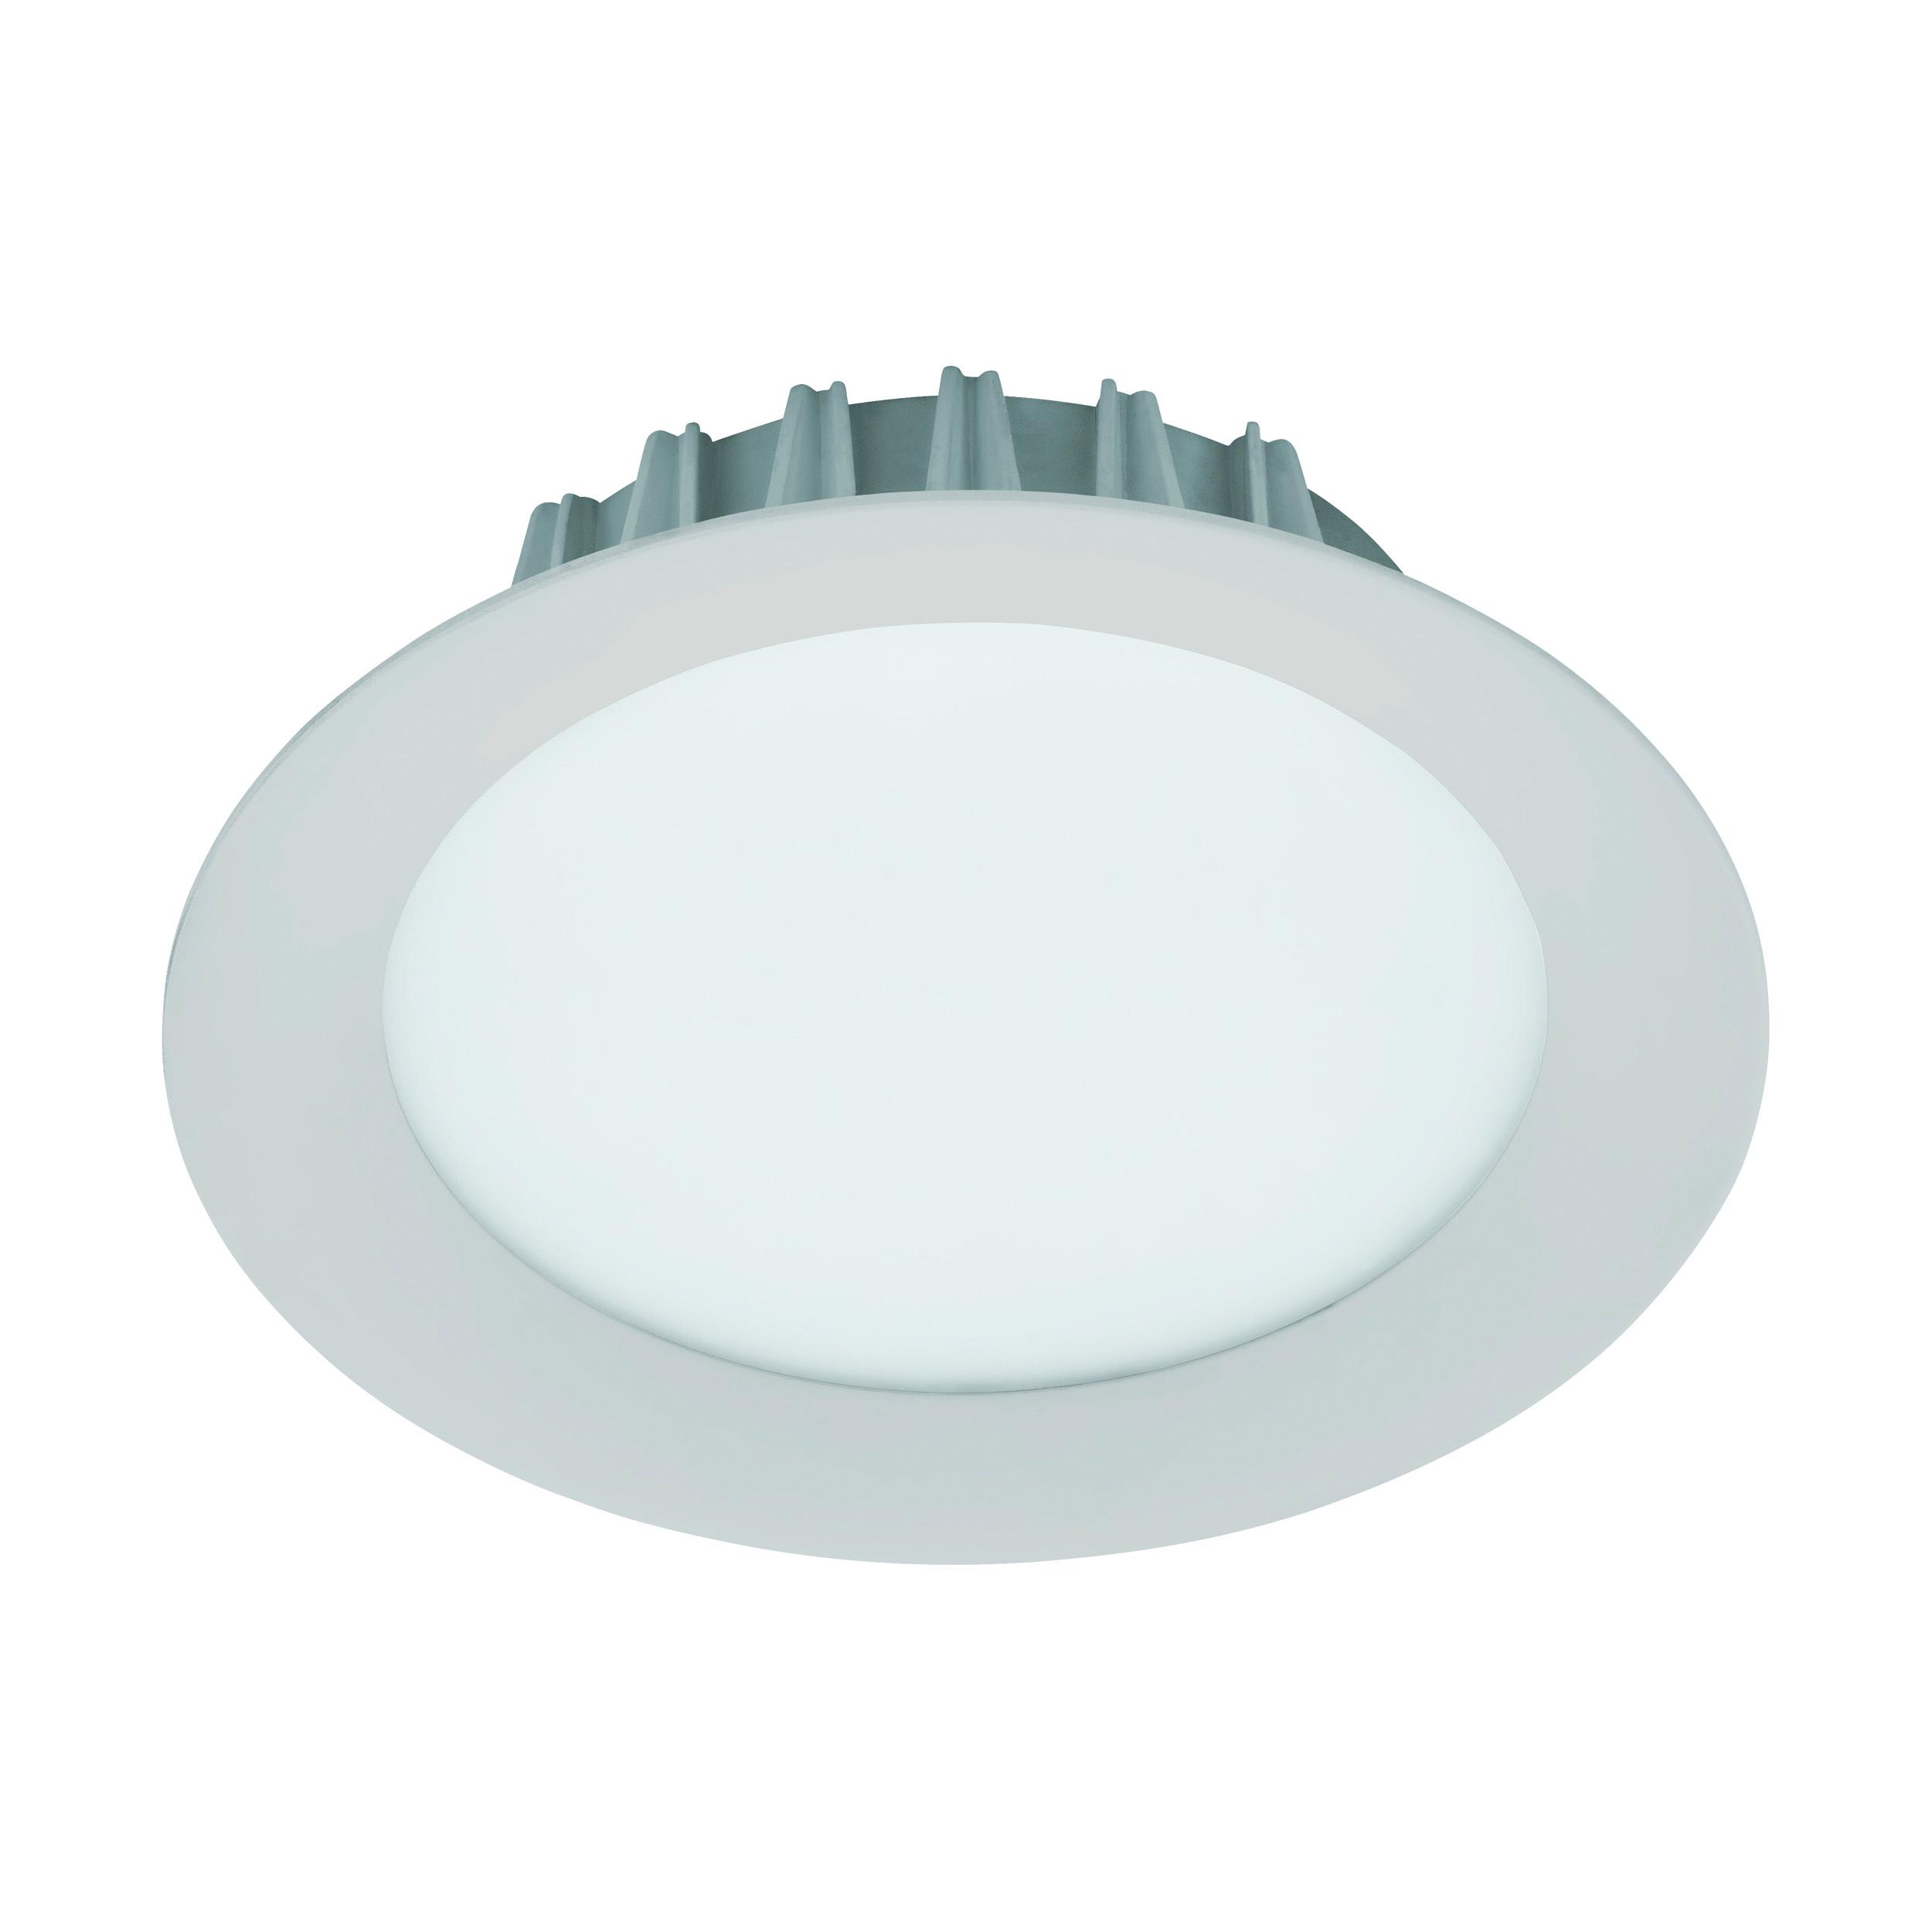 Ceiling Luminaires35806